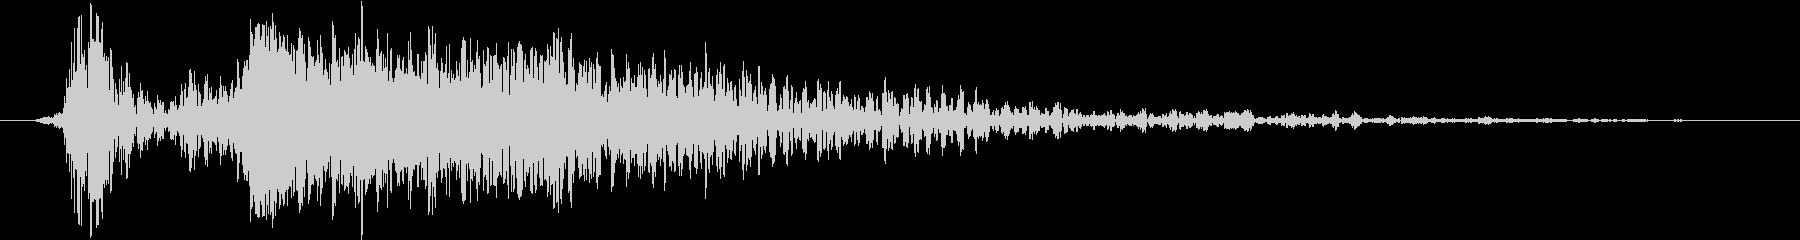 火 スペルファイアキャストラージ03の未再生の波形